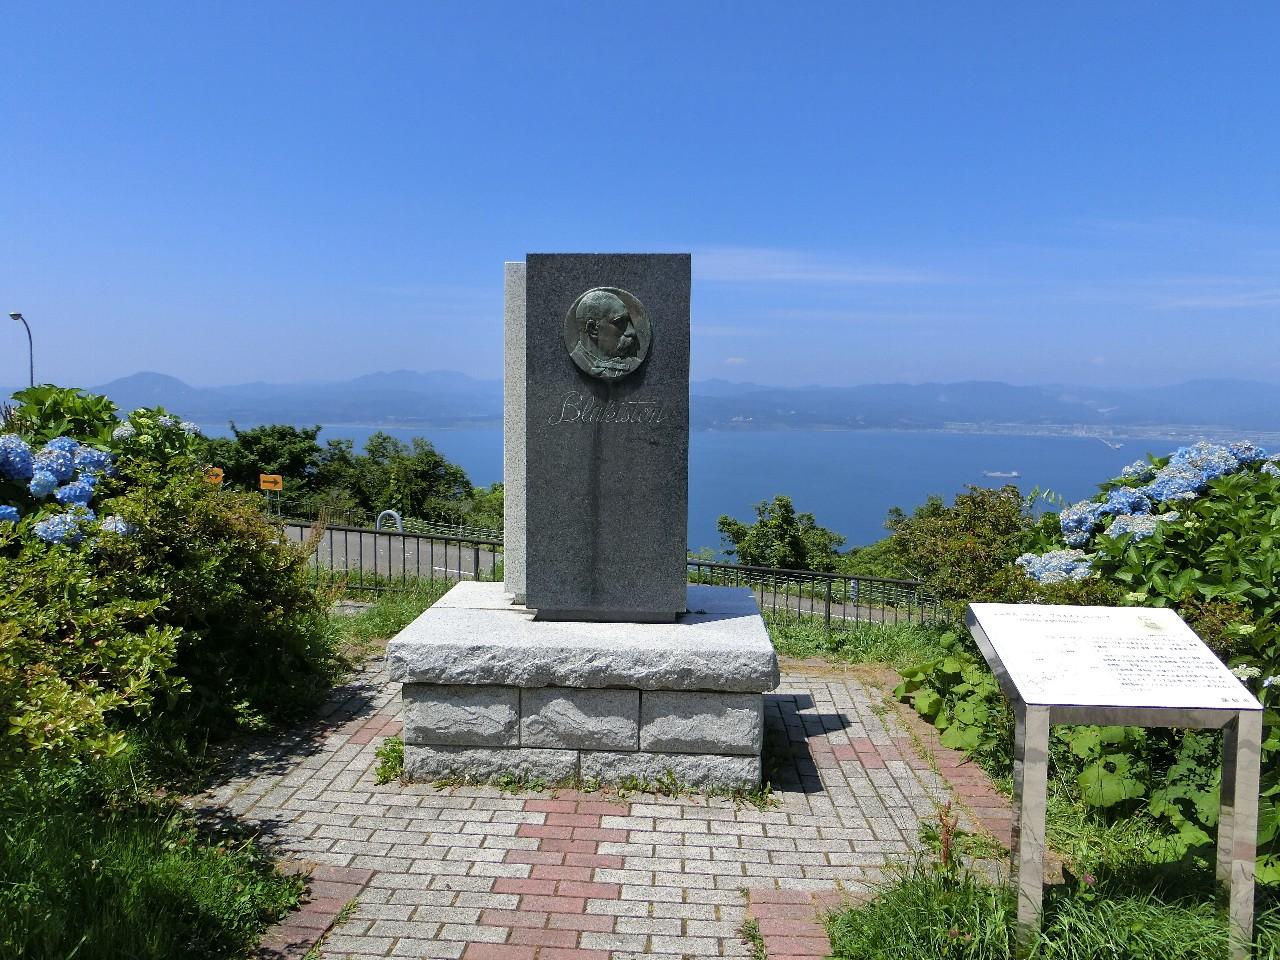 ブラキストンの碑(函館山山頂)